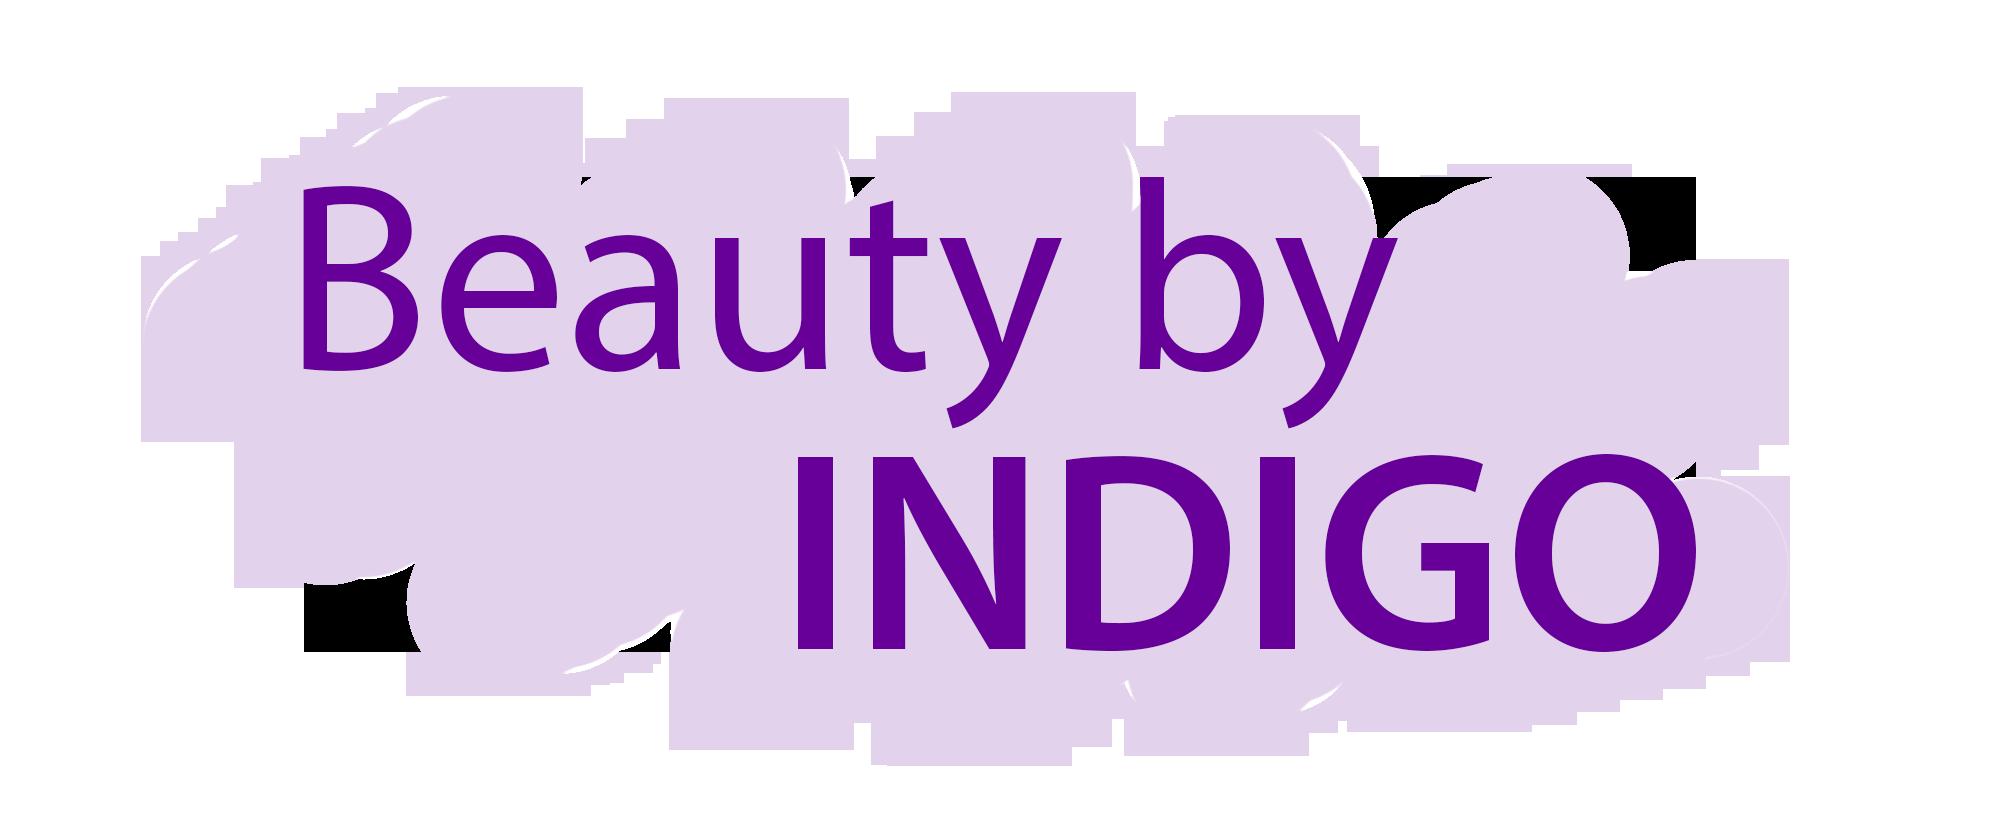 Beauty by Indigo